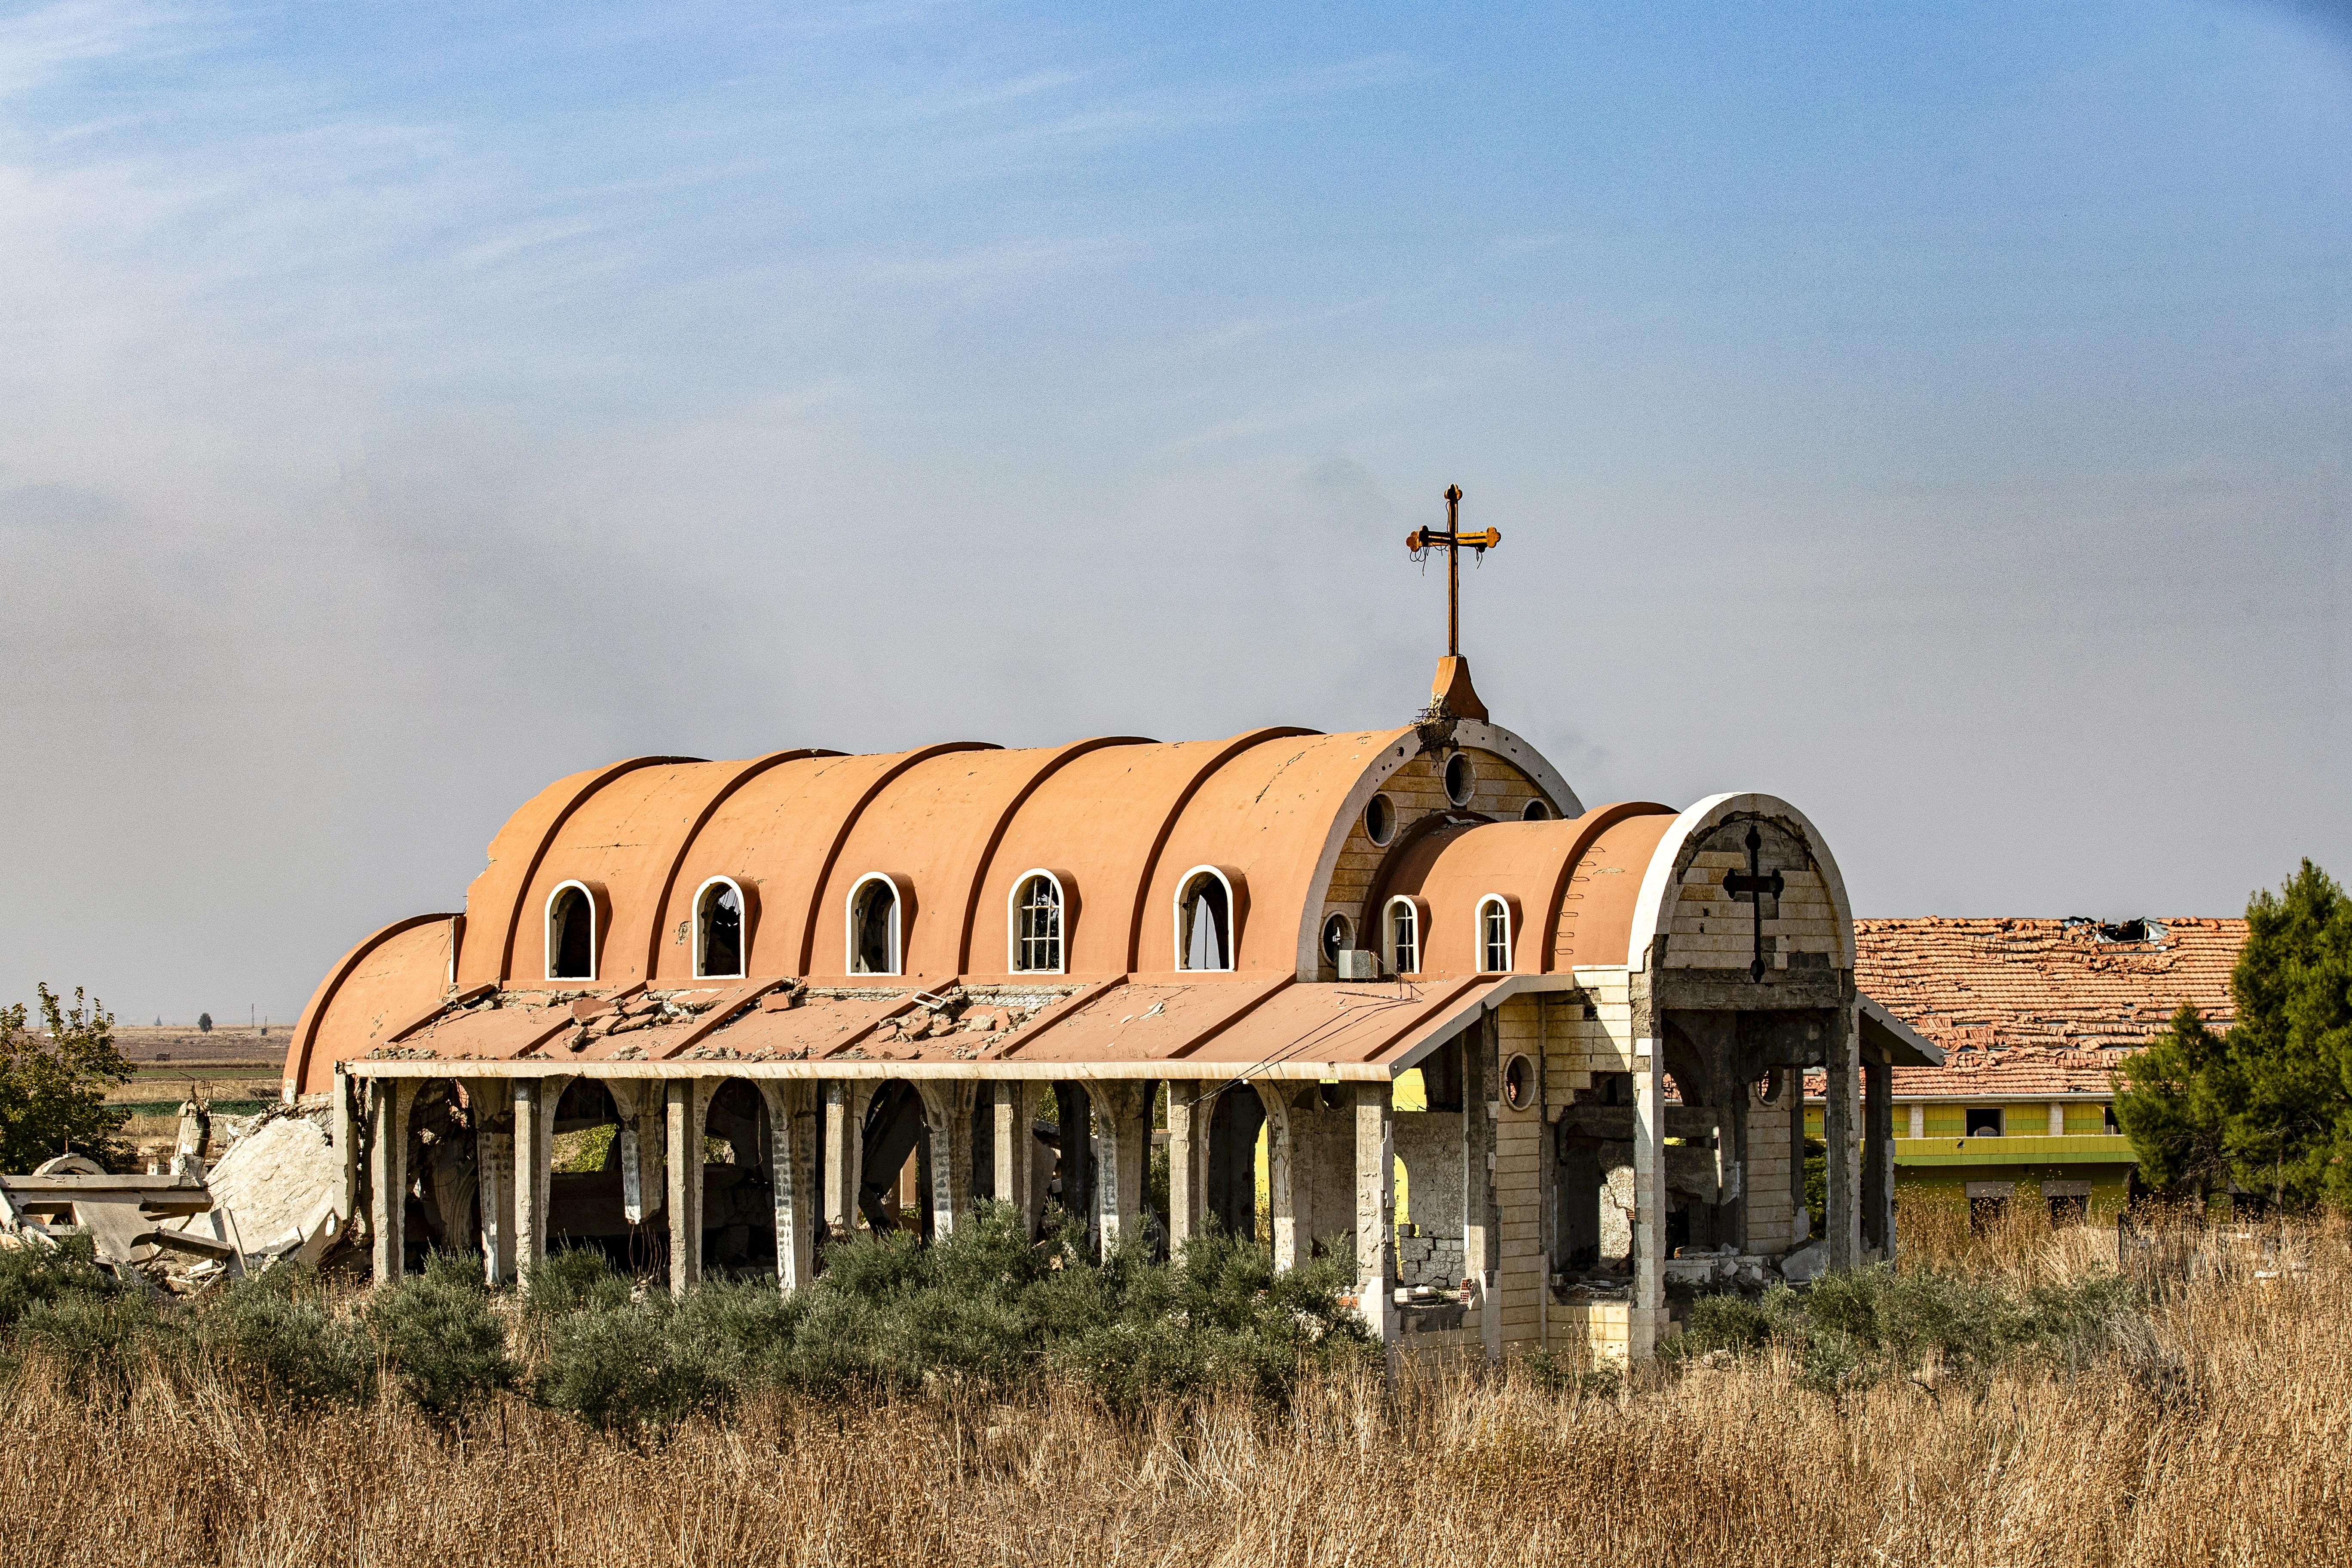 لم يصمد من الكنيسة في تل تمر إلا هيكلها الخارجي الحجري بعد أن دمرها تنظيم داعش 2015